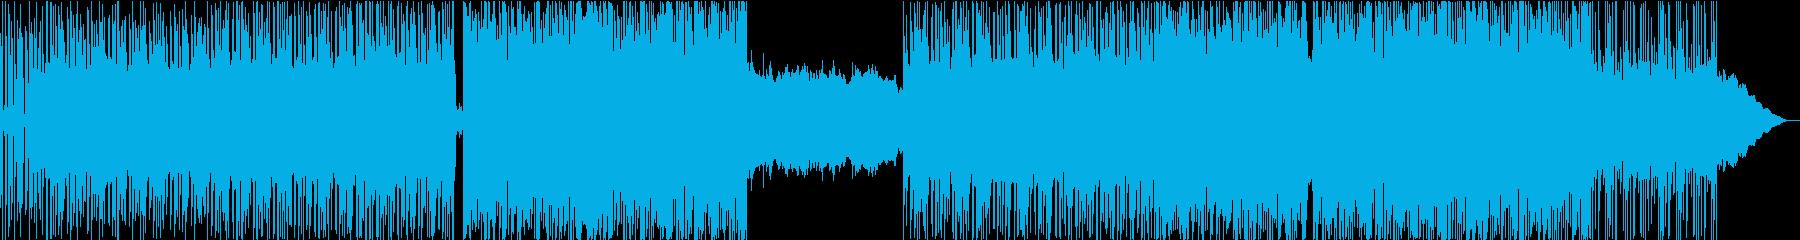 歪んだギターのアルペジオと変拍子の再生済みの波形